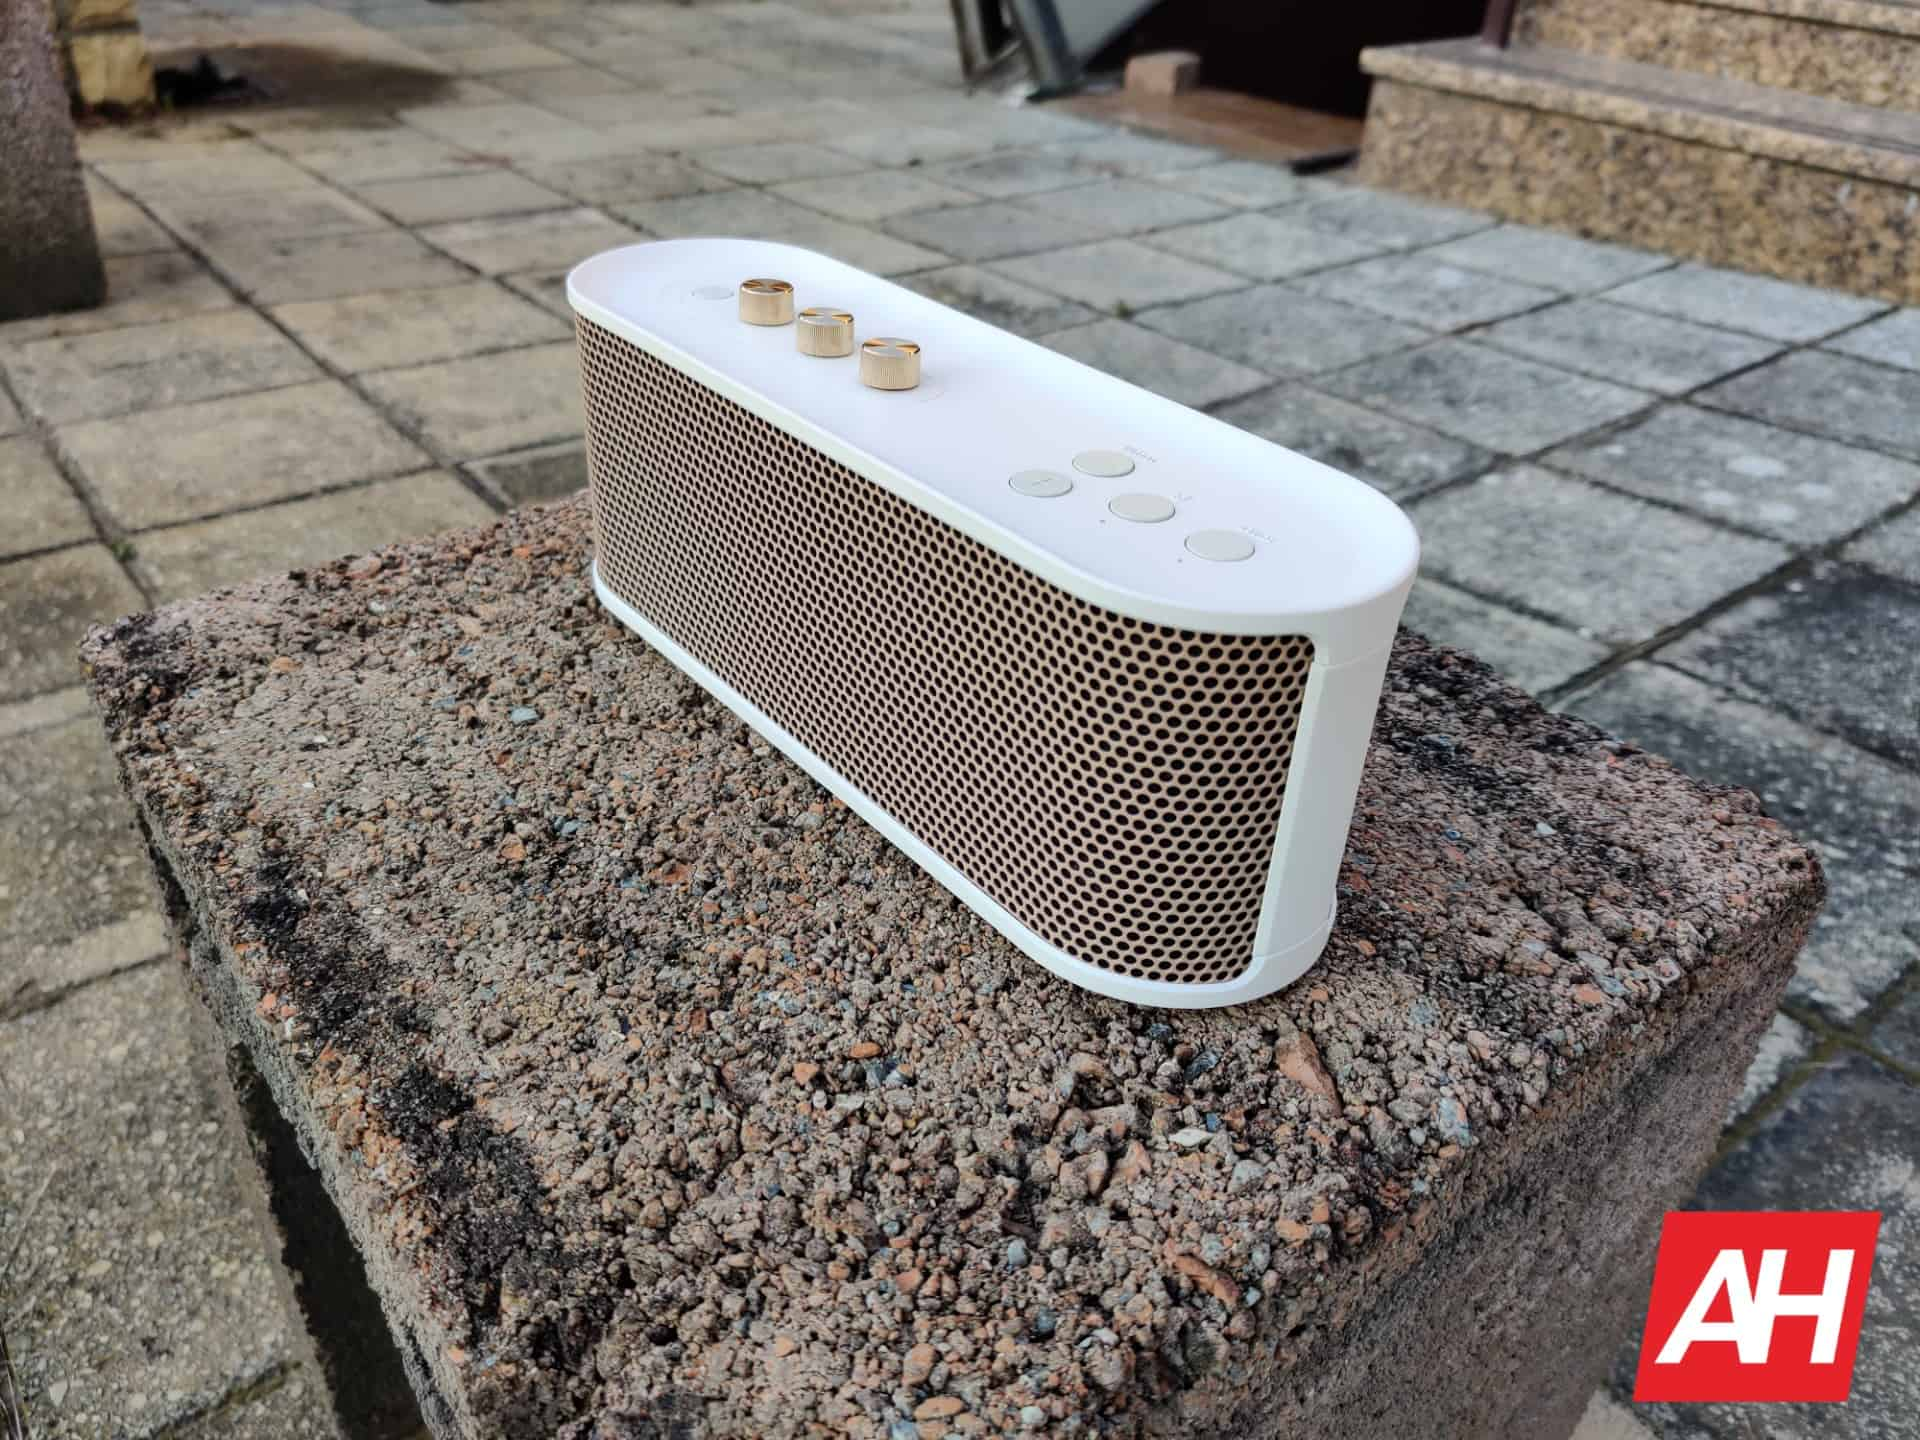 Roland BTM 1 Bluetooh speaker 6